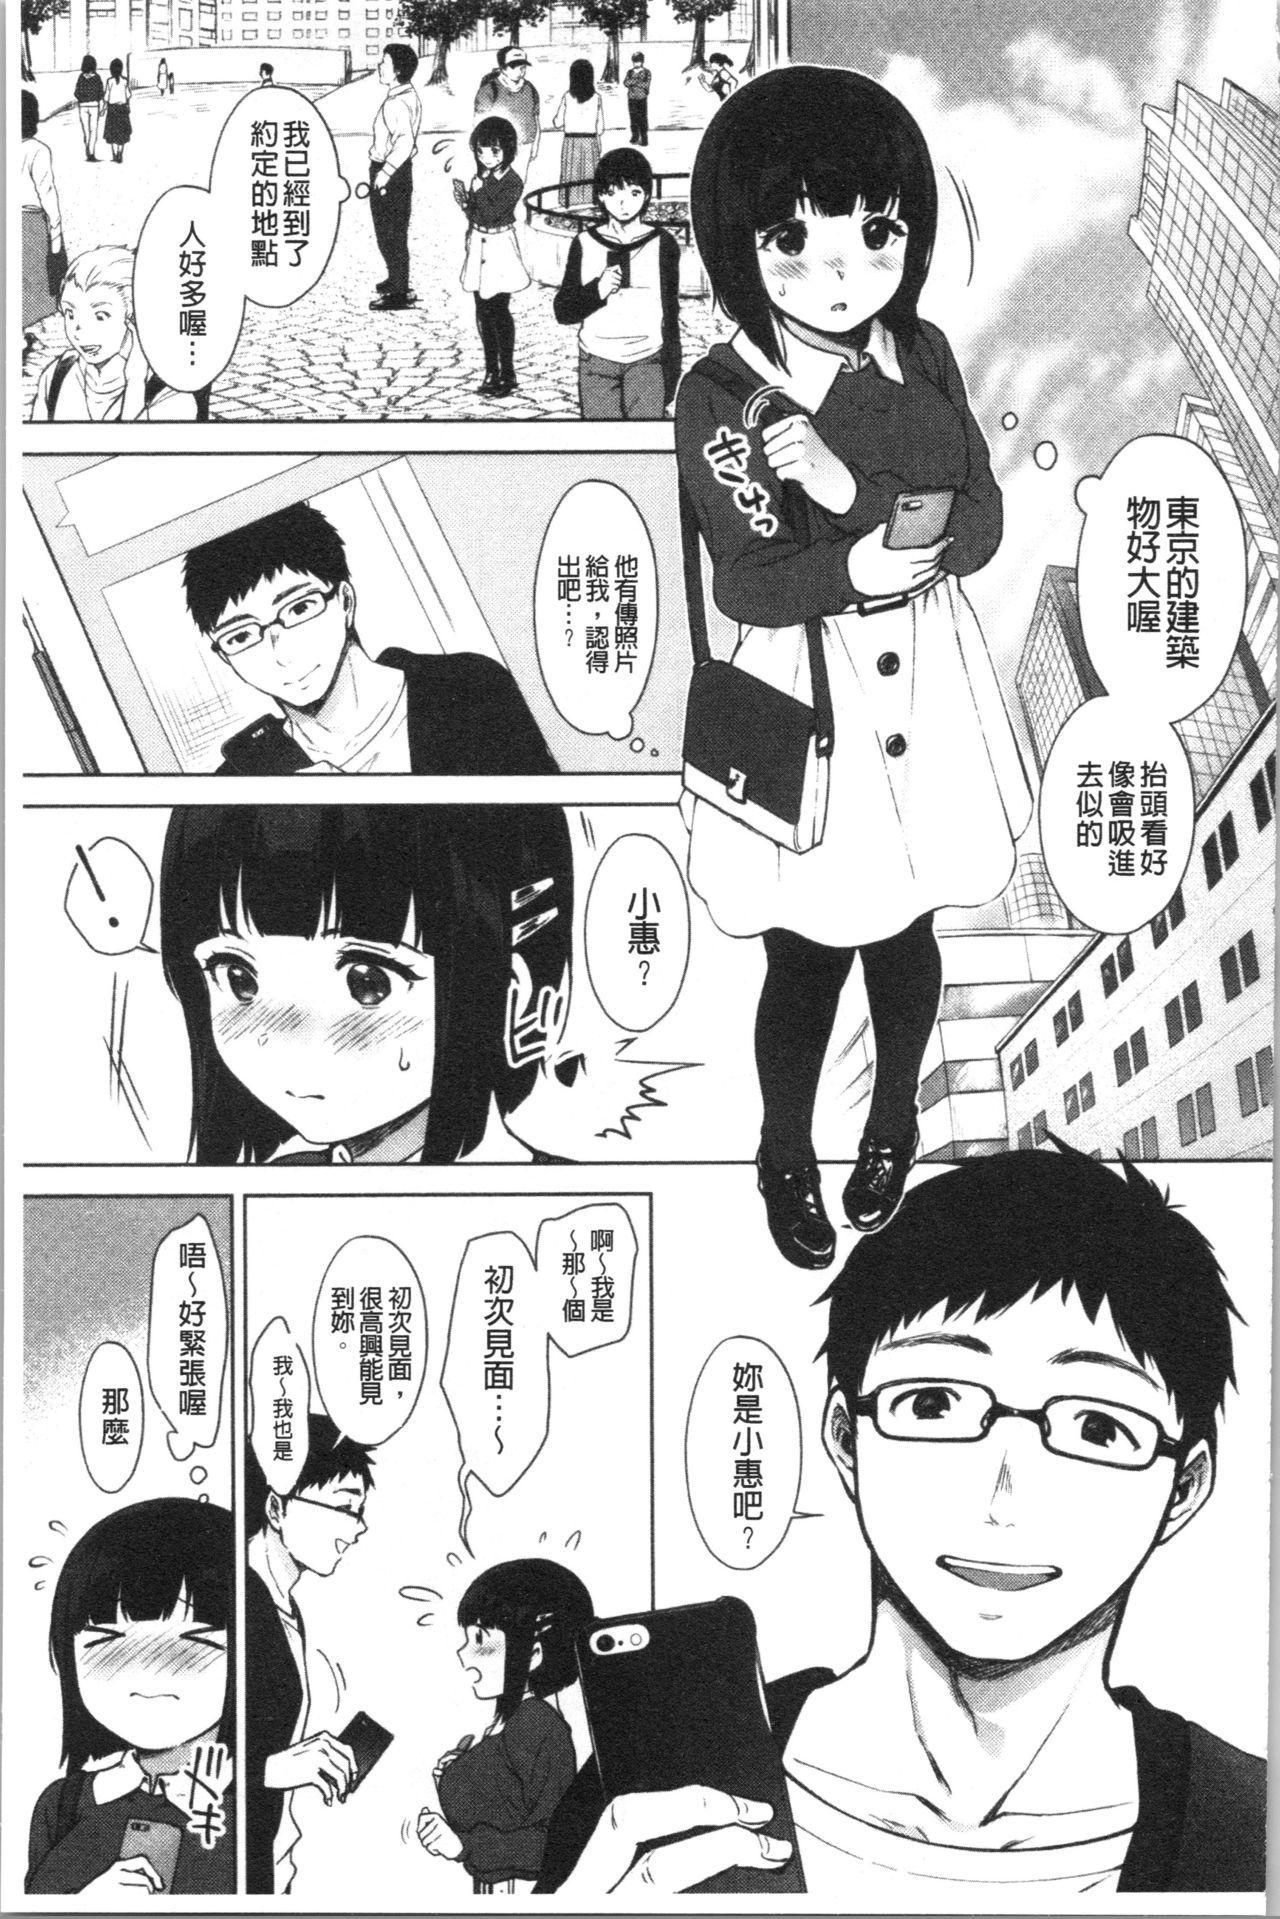 #Echi Echi Joshi to Tsunagaritai | #好色淫蕩女子想和她搞一下 65